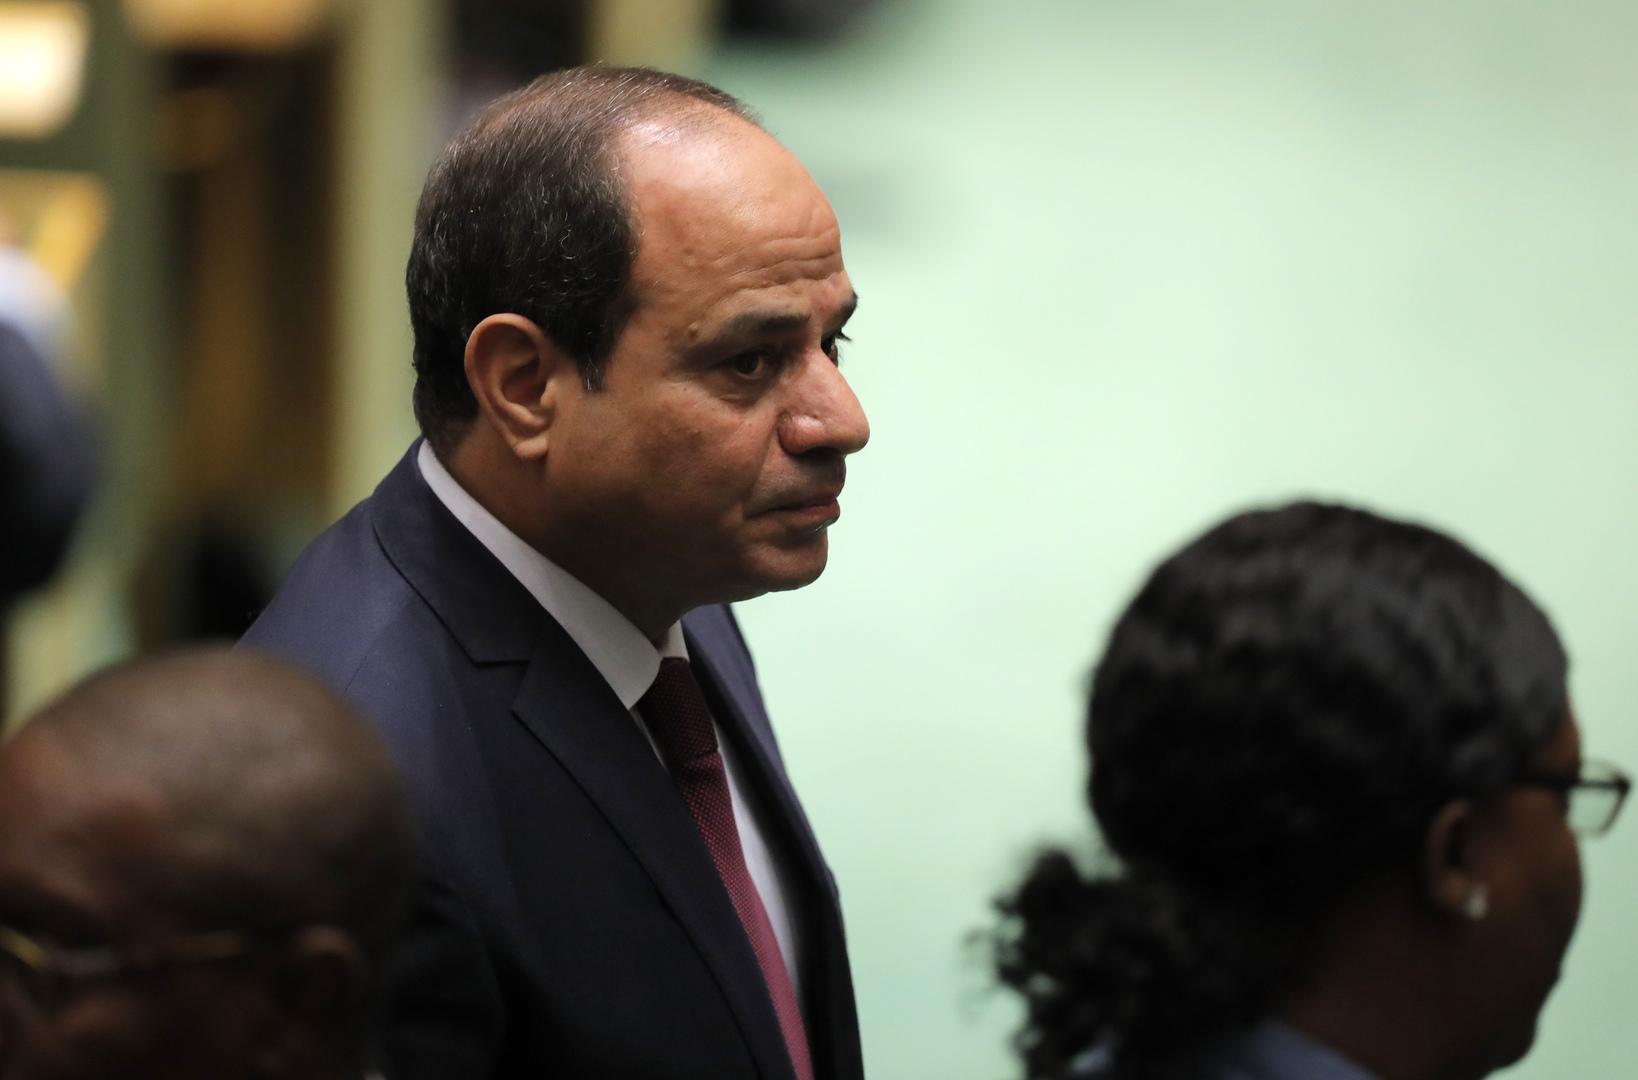 السيسي يصدر قرارا بترقية أكثر من 200 دبلوماسي